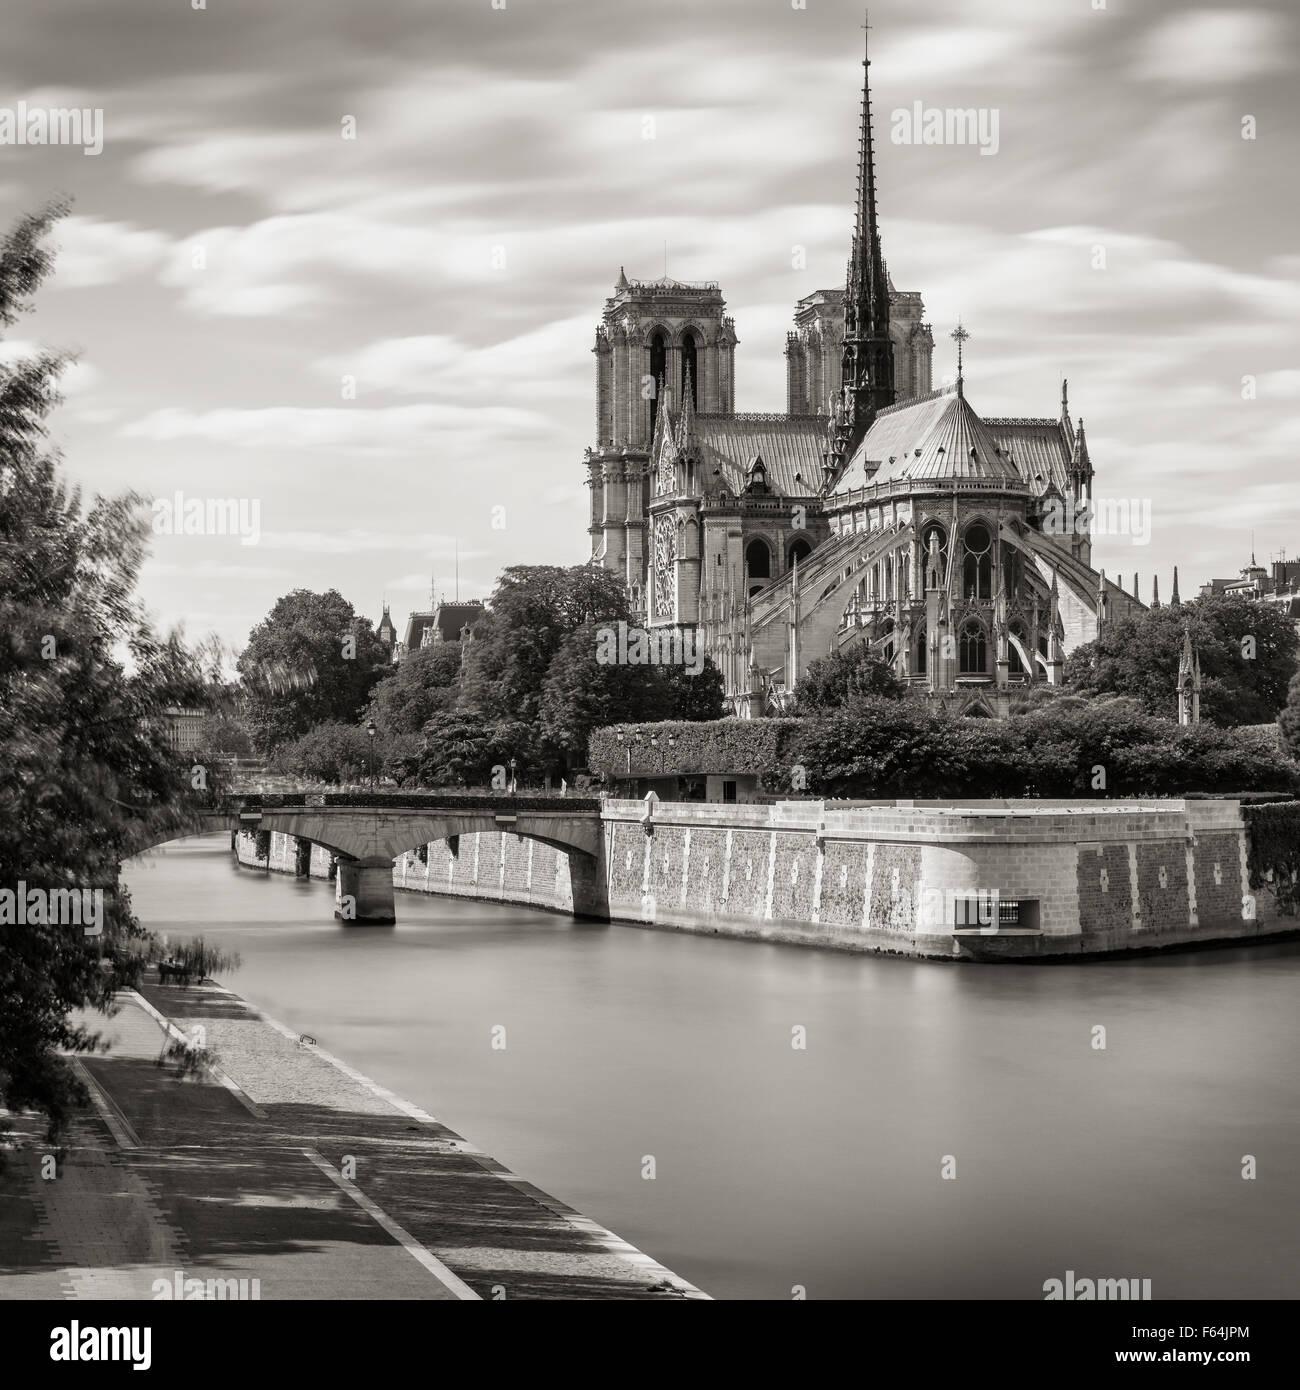 Noir & Blanc, la Cathédrale Notre Dame de Paris sur l'Ile de La Cité avec la Seine et le pont Photo Stock